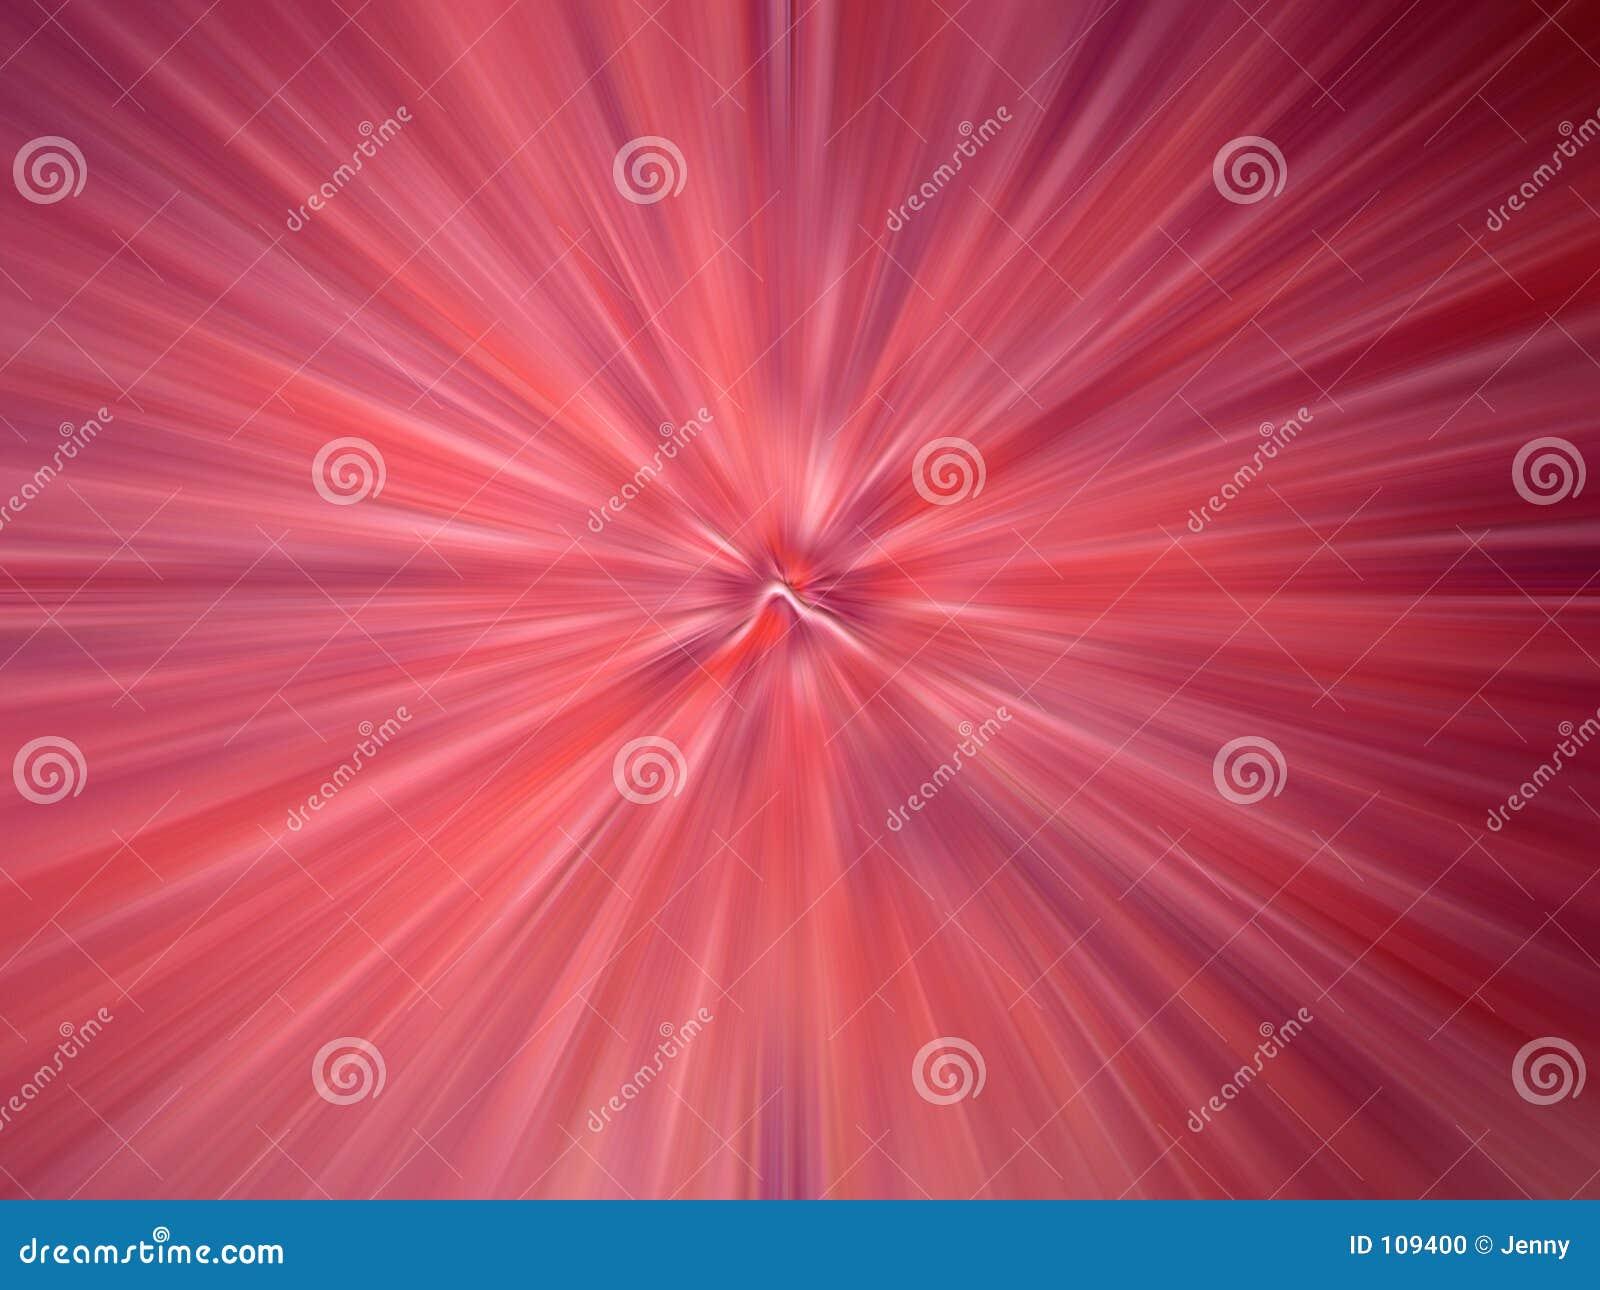 Hintergrund - farbige Explosion